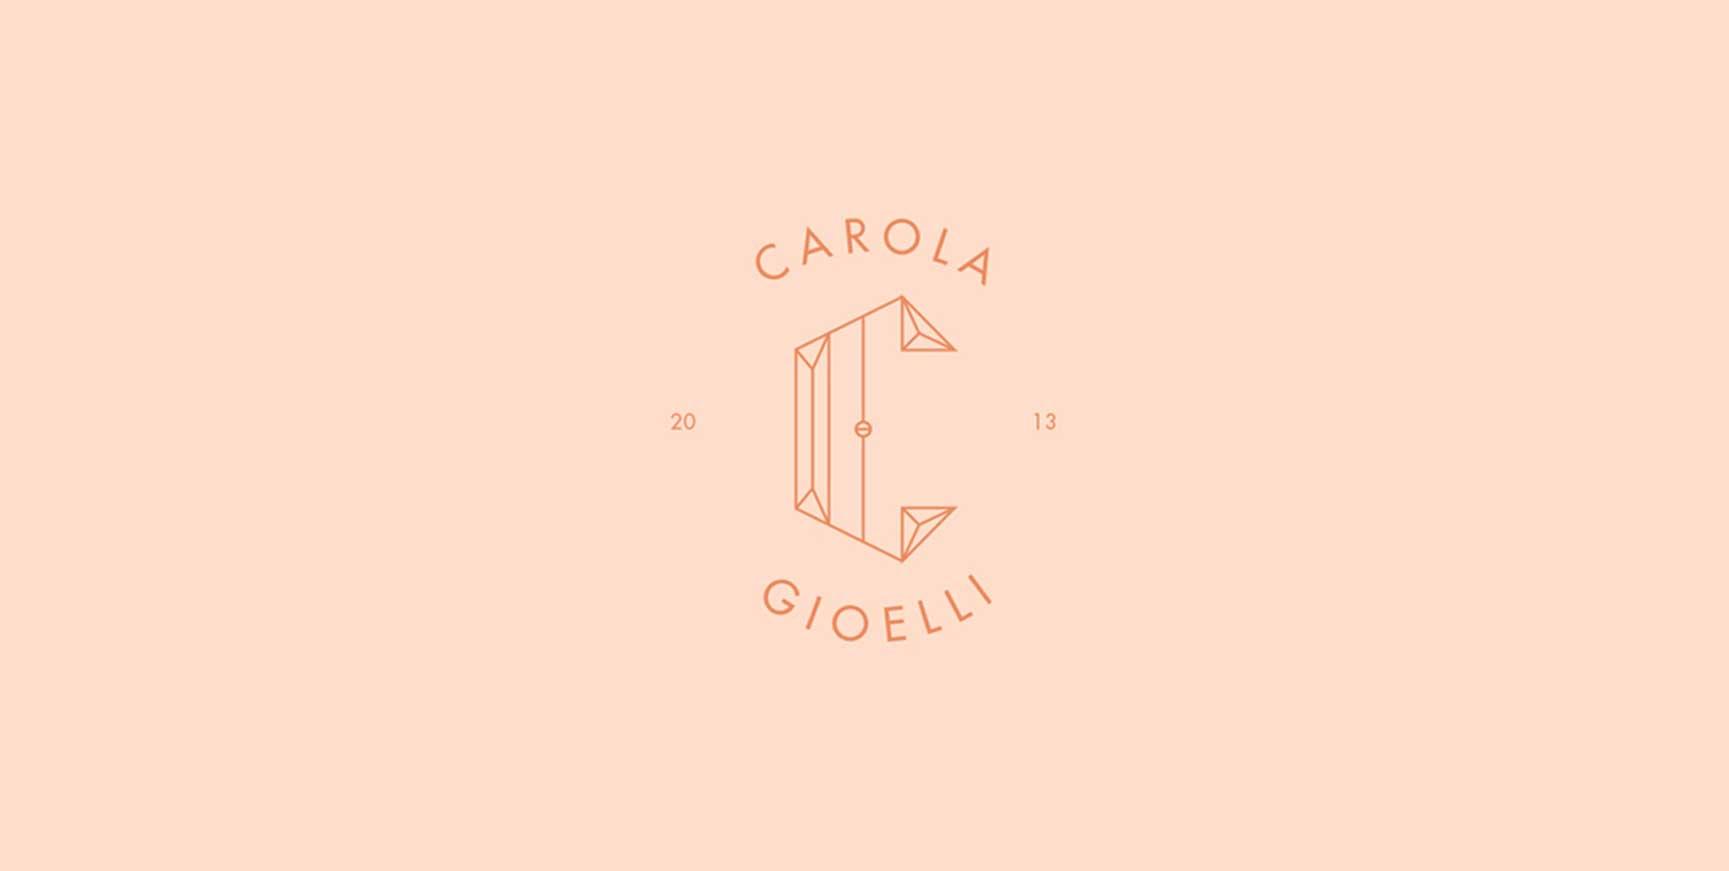 carola-gioielli-cover-gian-pancrazio-pala-print-design-portfolio-1